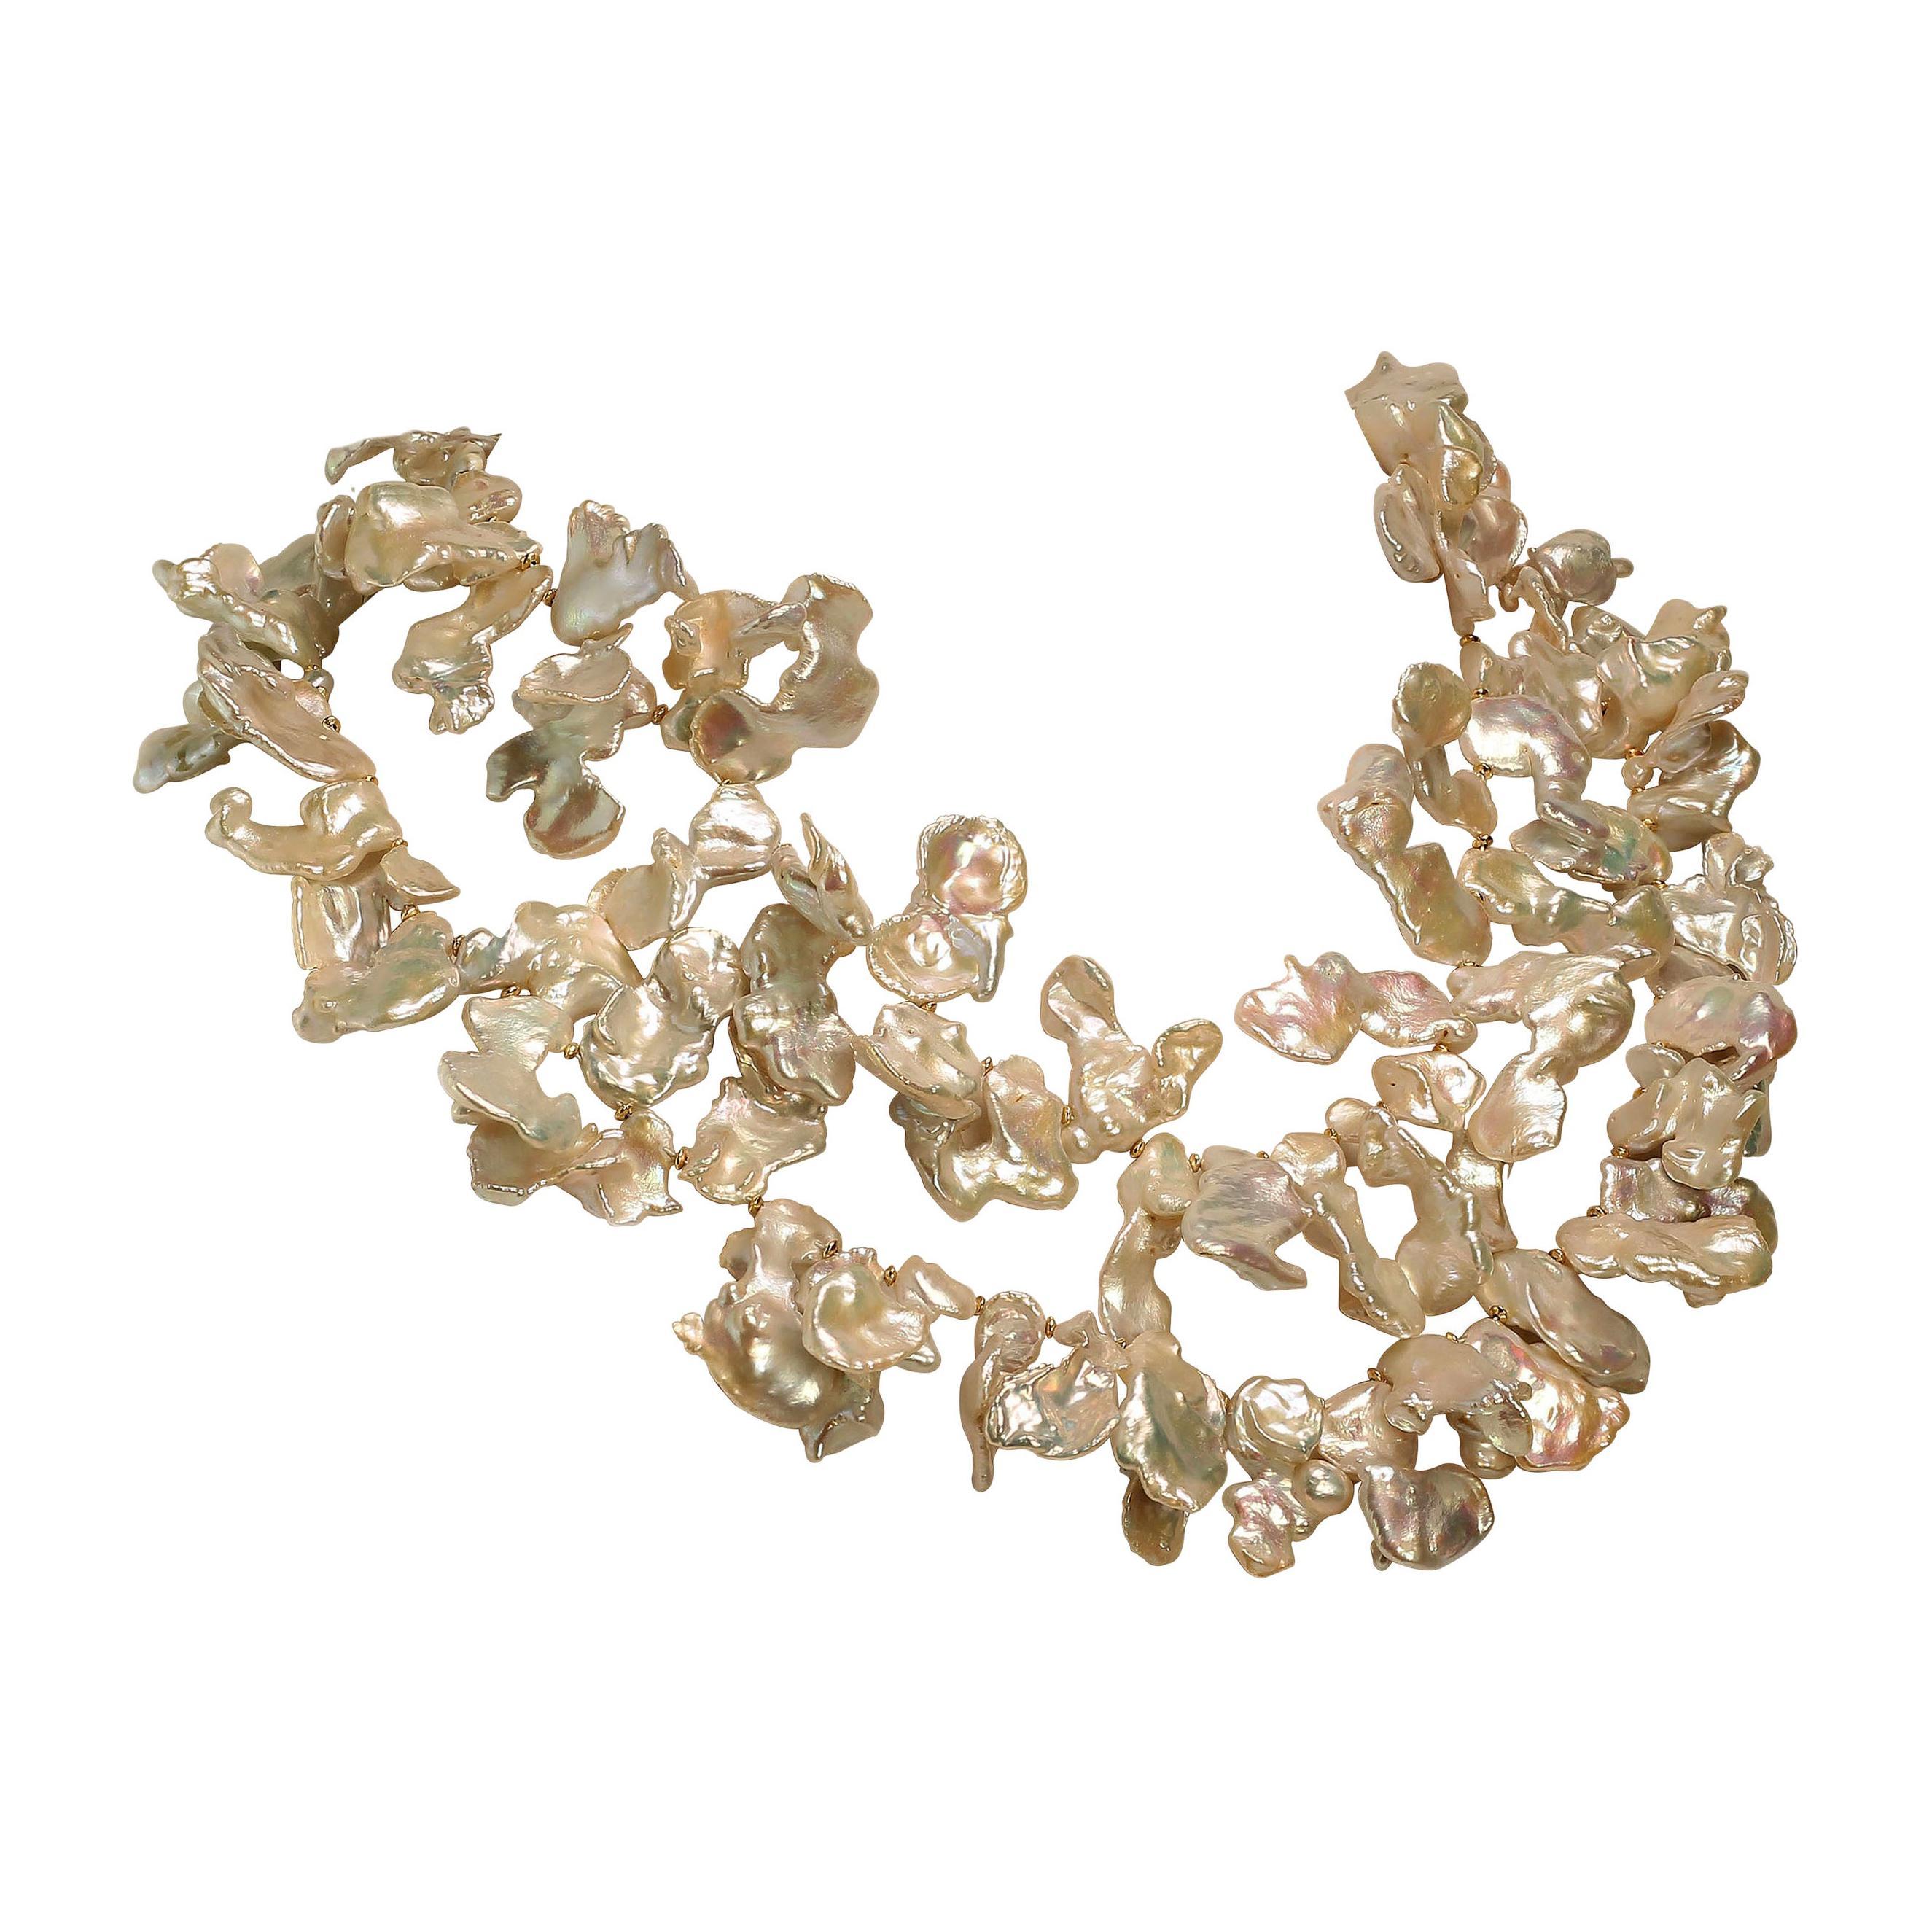 Gemjunky Elegant White Keshi Pearl Necklace June Birthstone